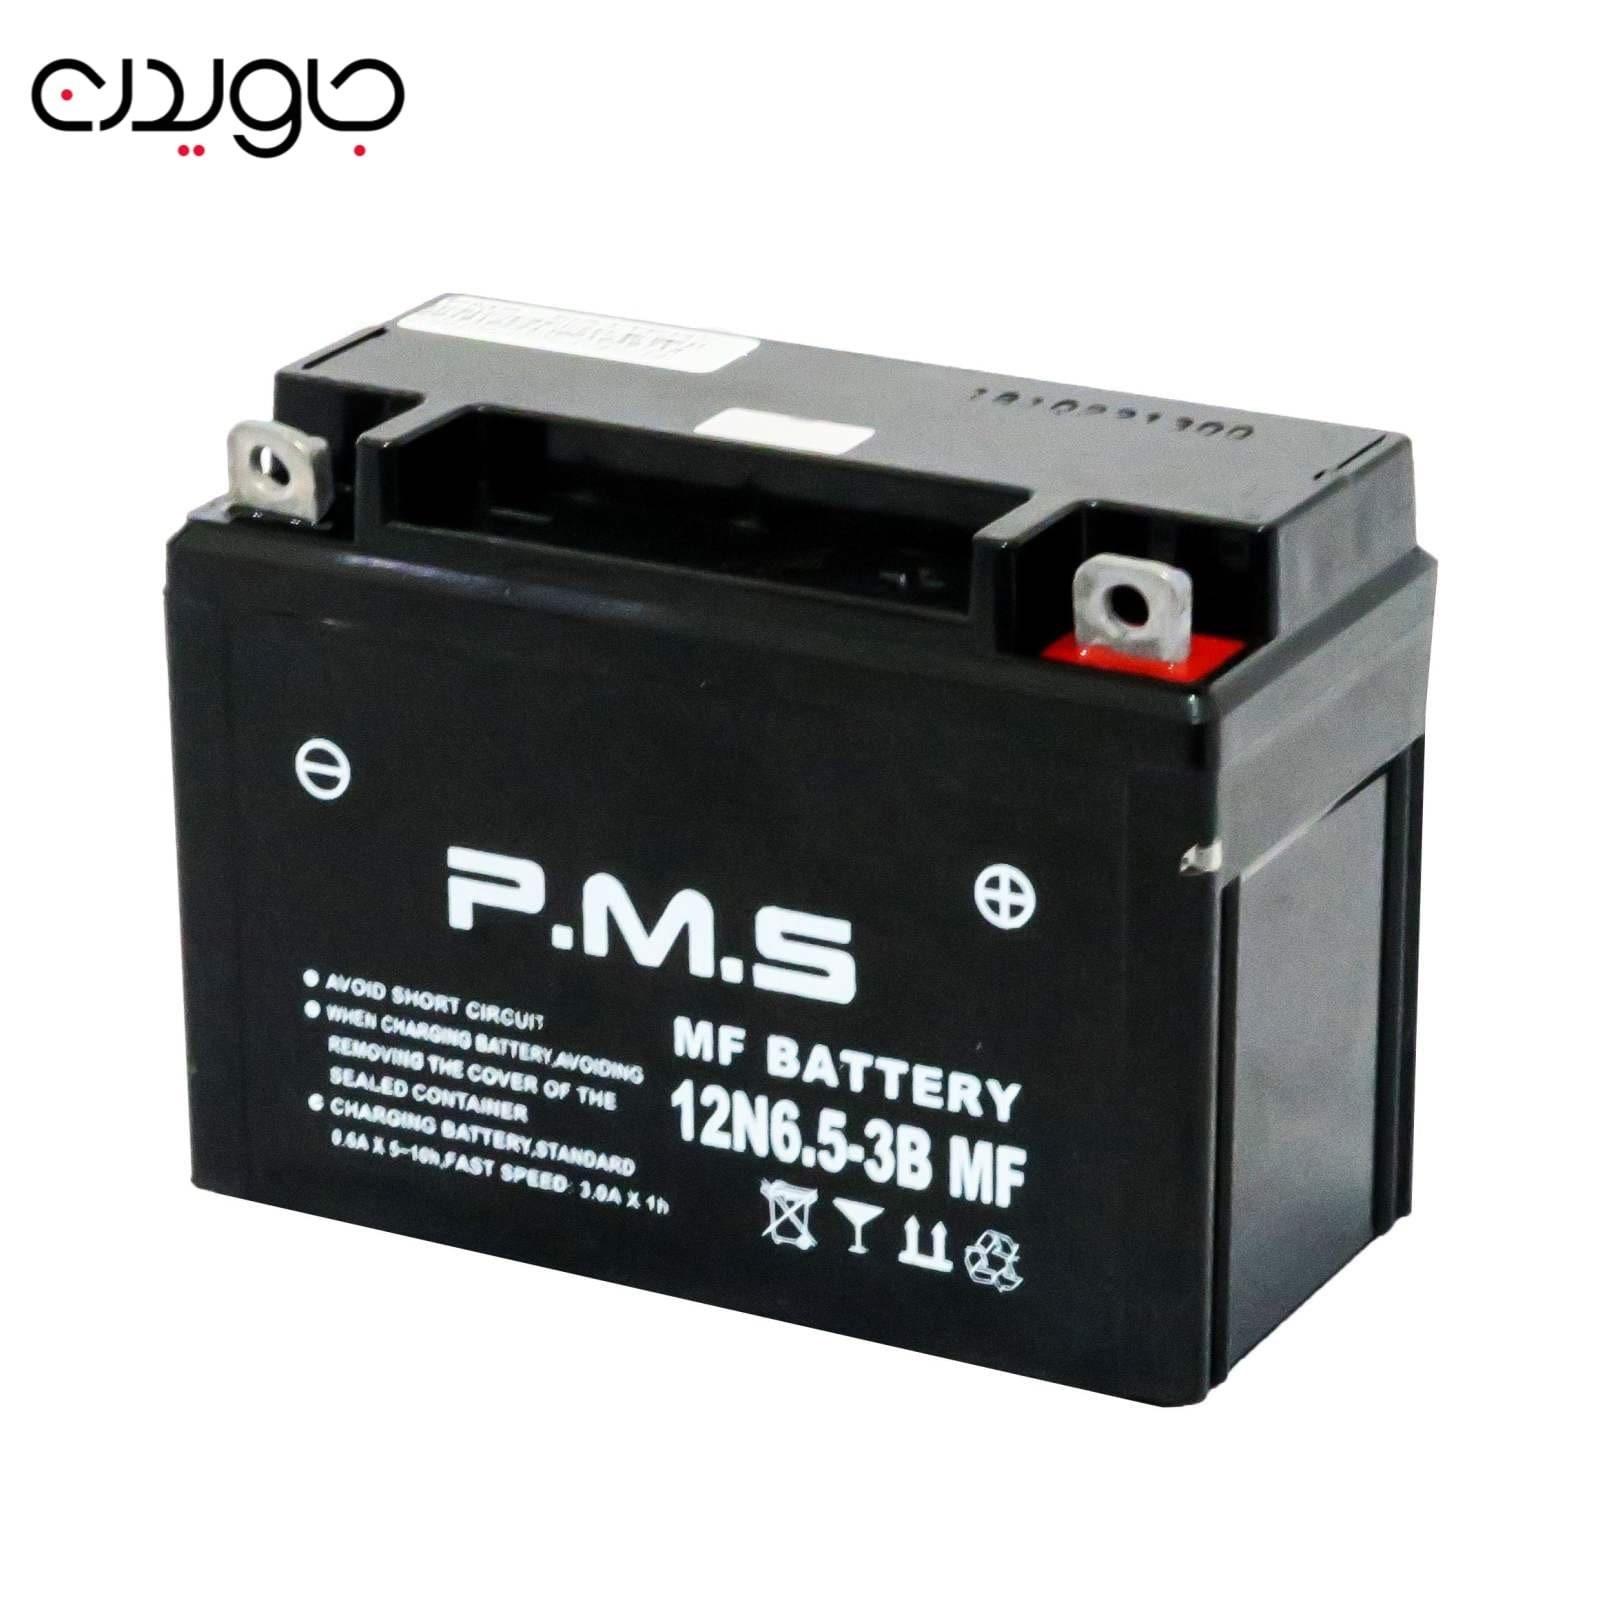 تصویر باتری PMS موتور سیکلت مدل 12V7 - با 12 ولت و 6.5 آمپر کد EL000